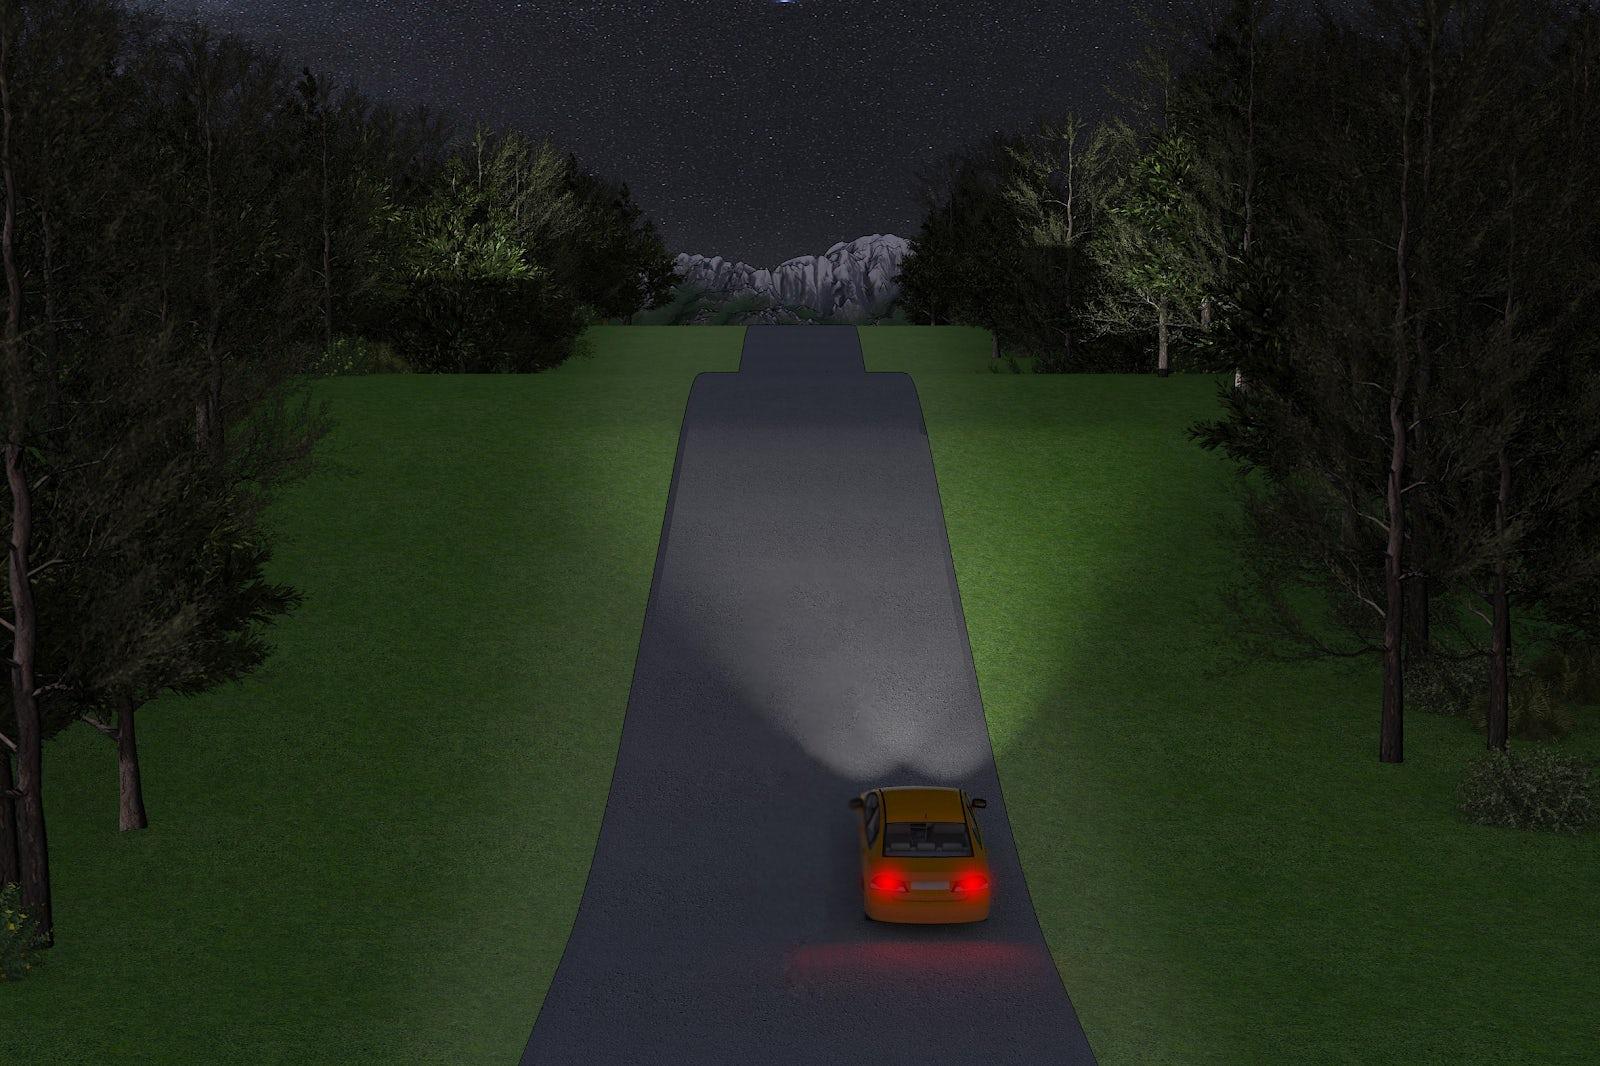 Bilens belysning